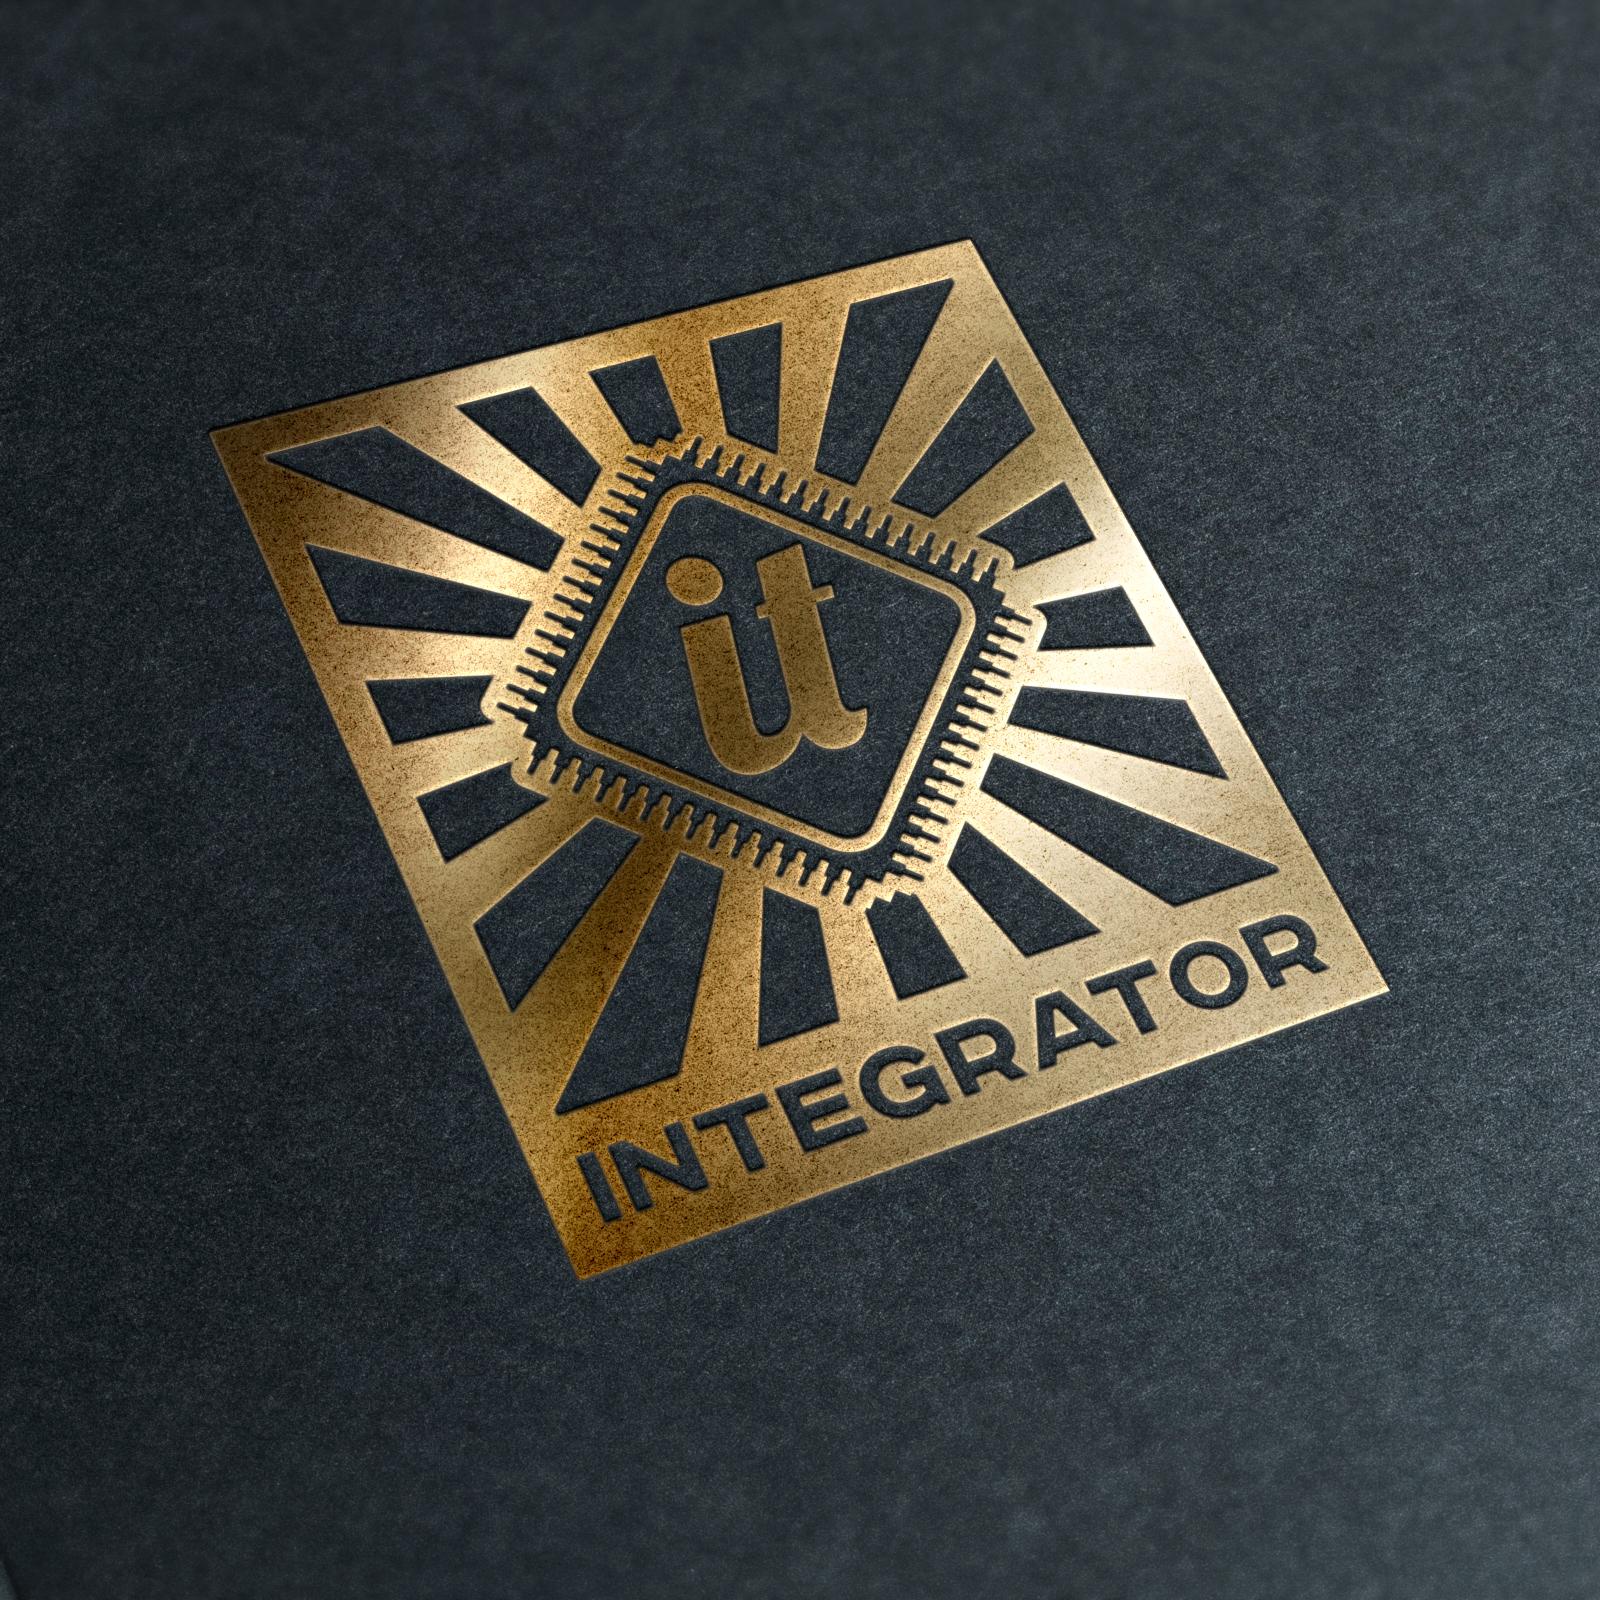 Логотип для IT интегратора фото f_107614c5c13812cb.jpg